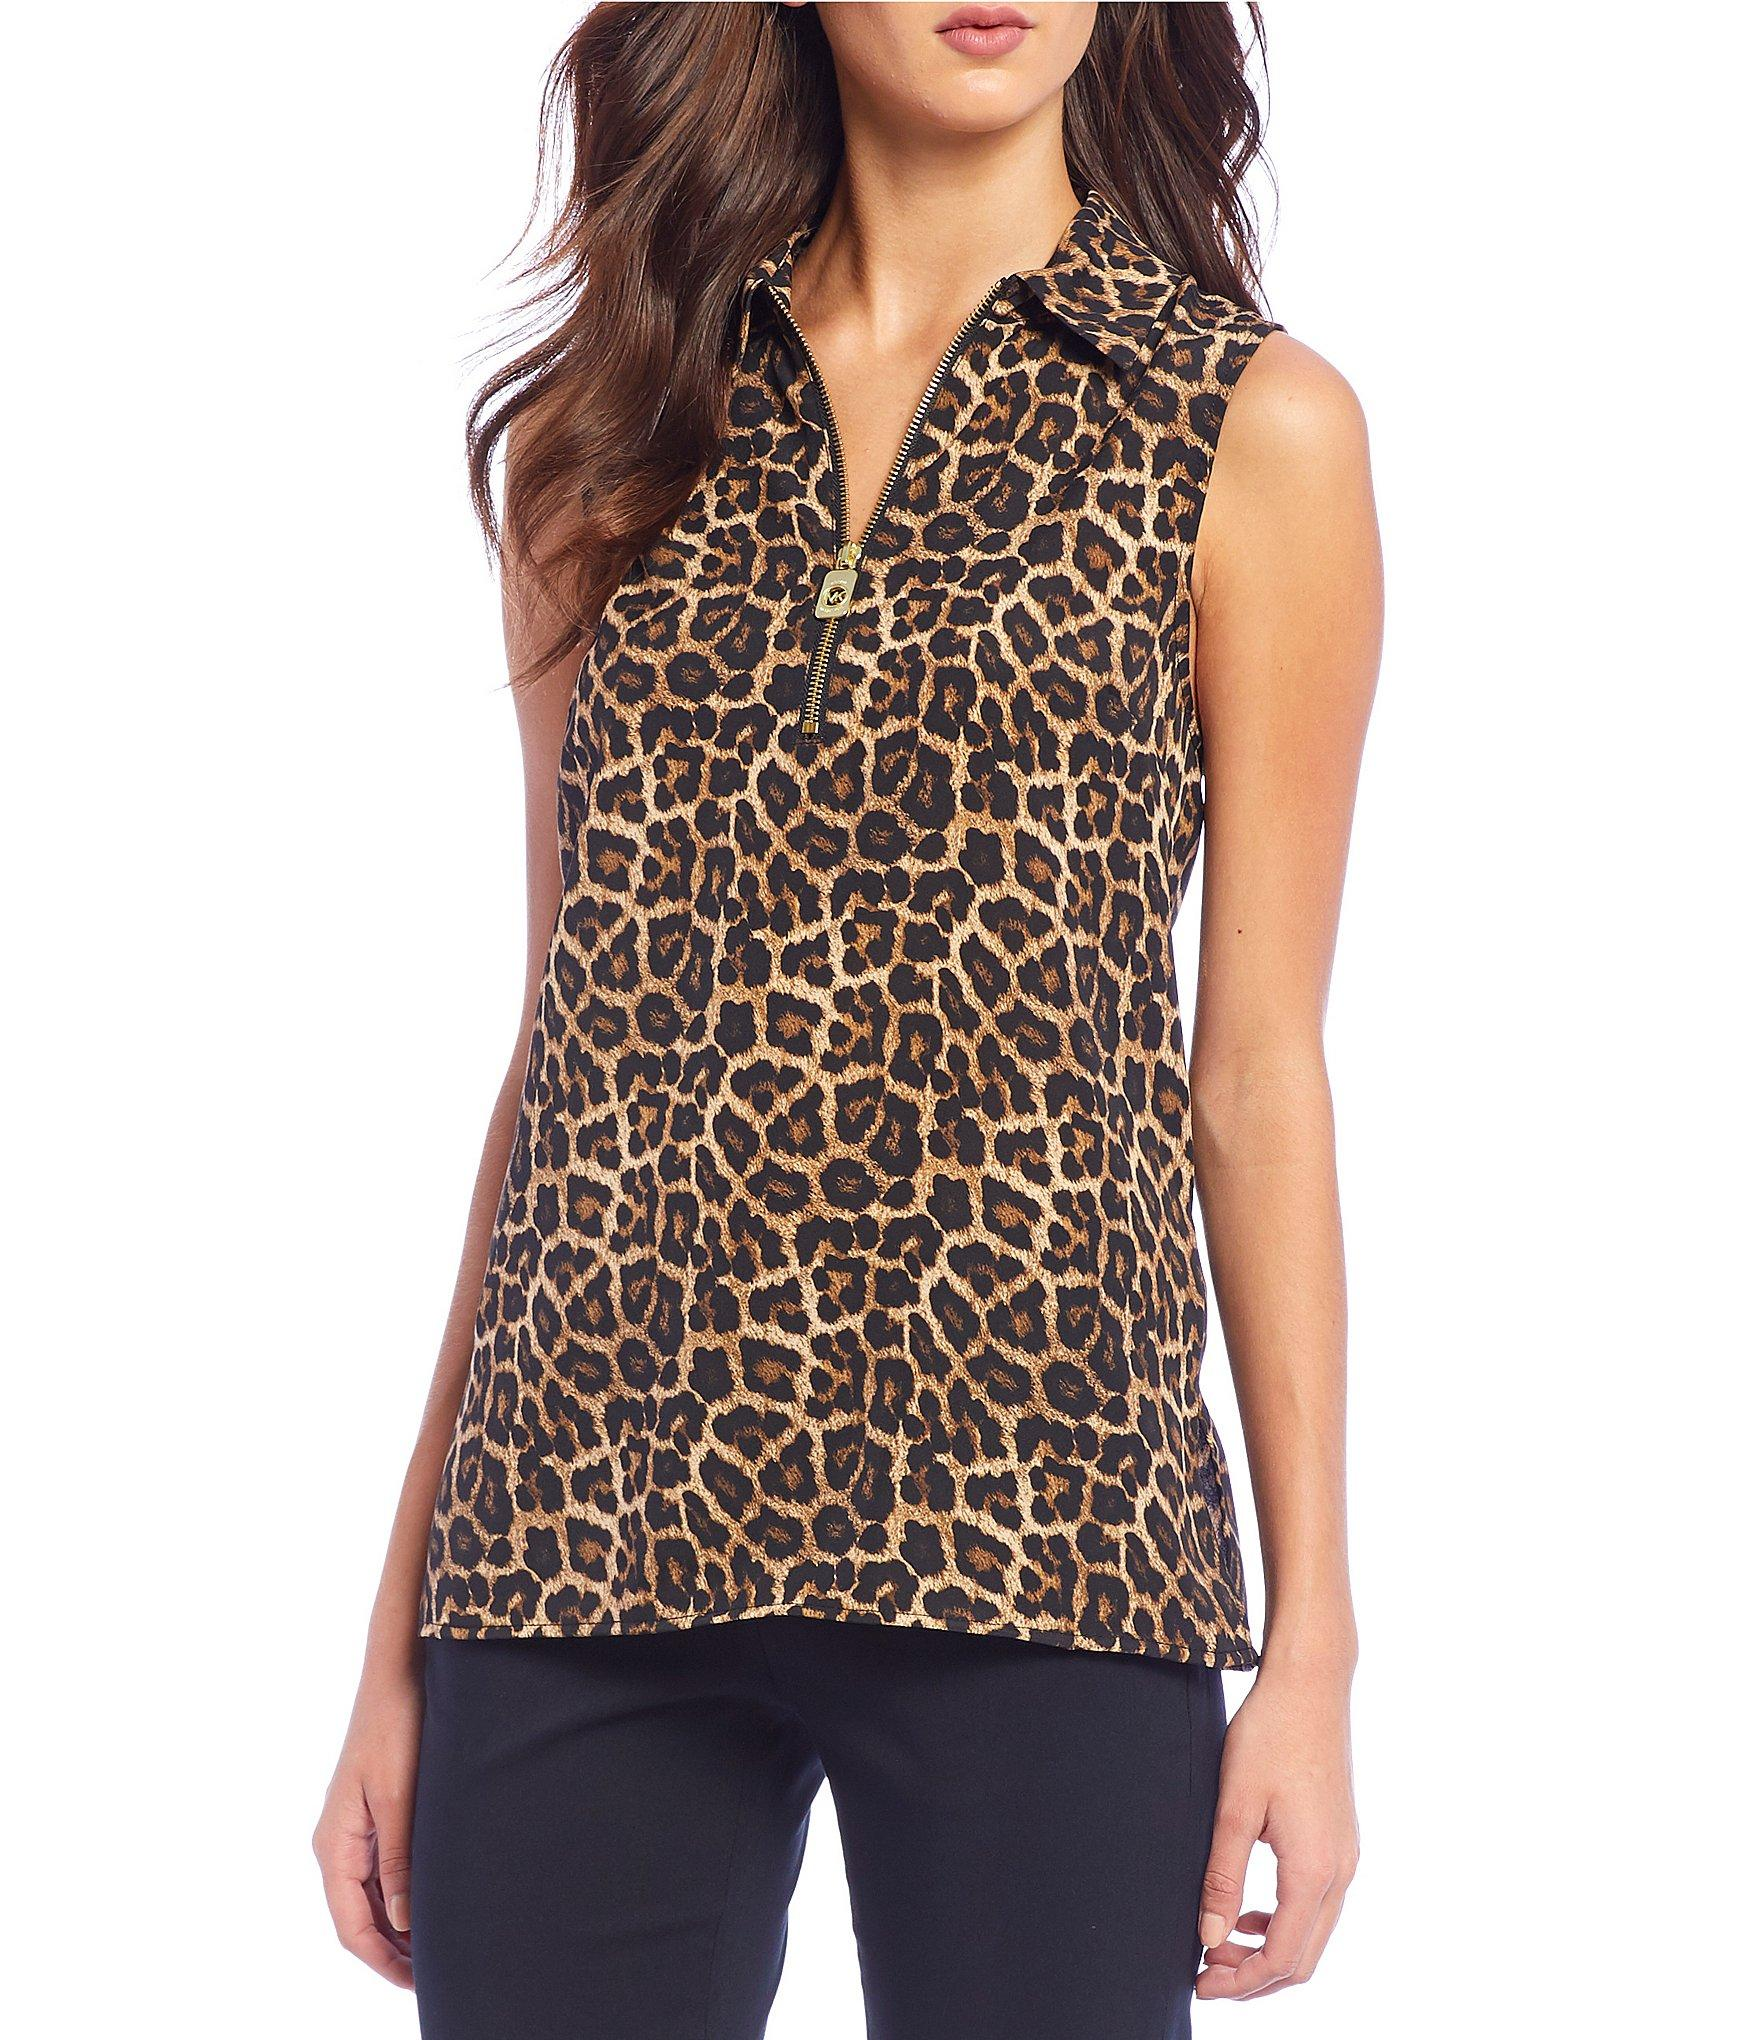 a6e0837dbf0 Lyst - MICHAEL Michael Kors Leopard Print Sleeveless Half-zip Top